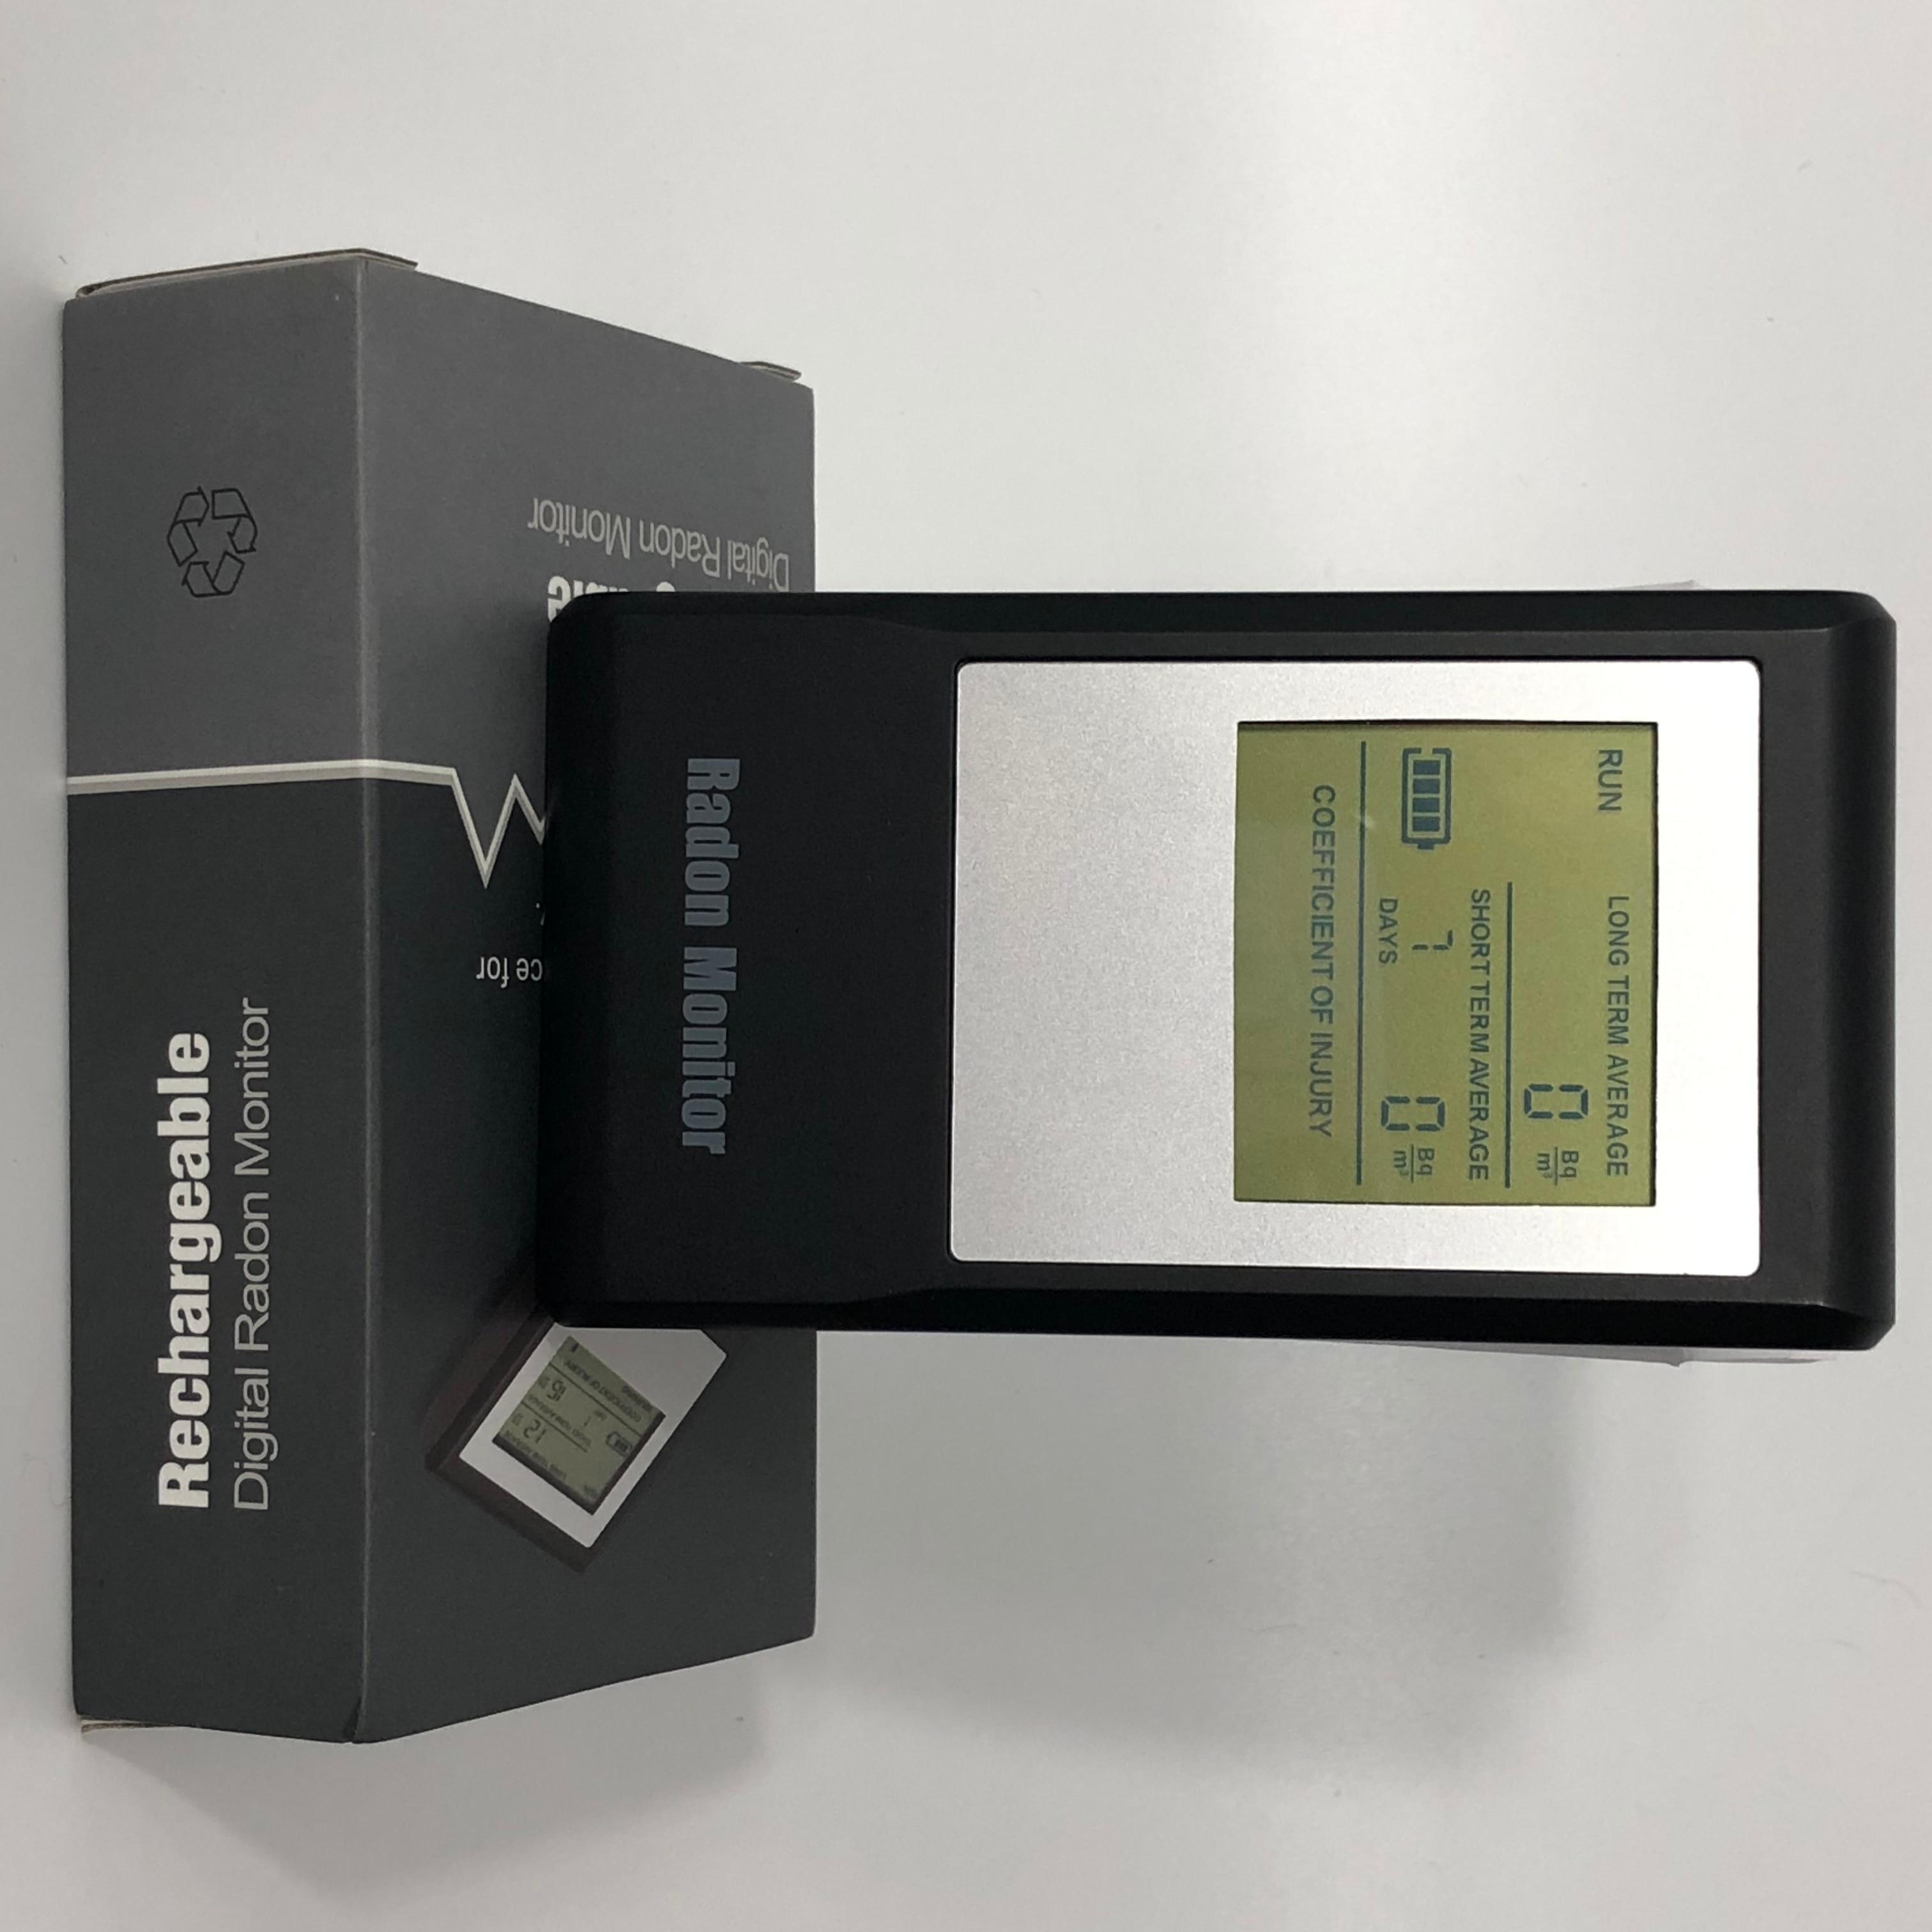 Air ae steward portable Radon test kit Rn 86 pollution meter radon test machine radon in